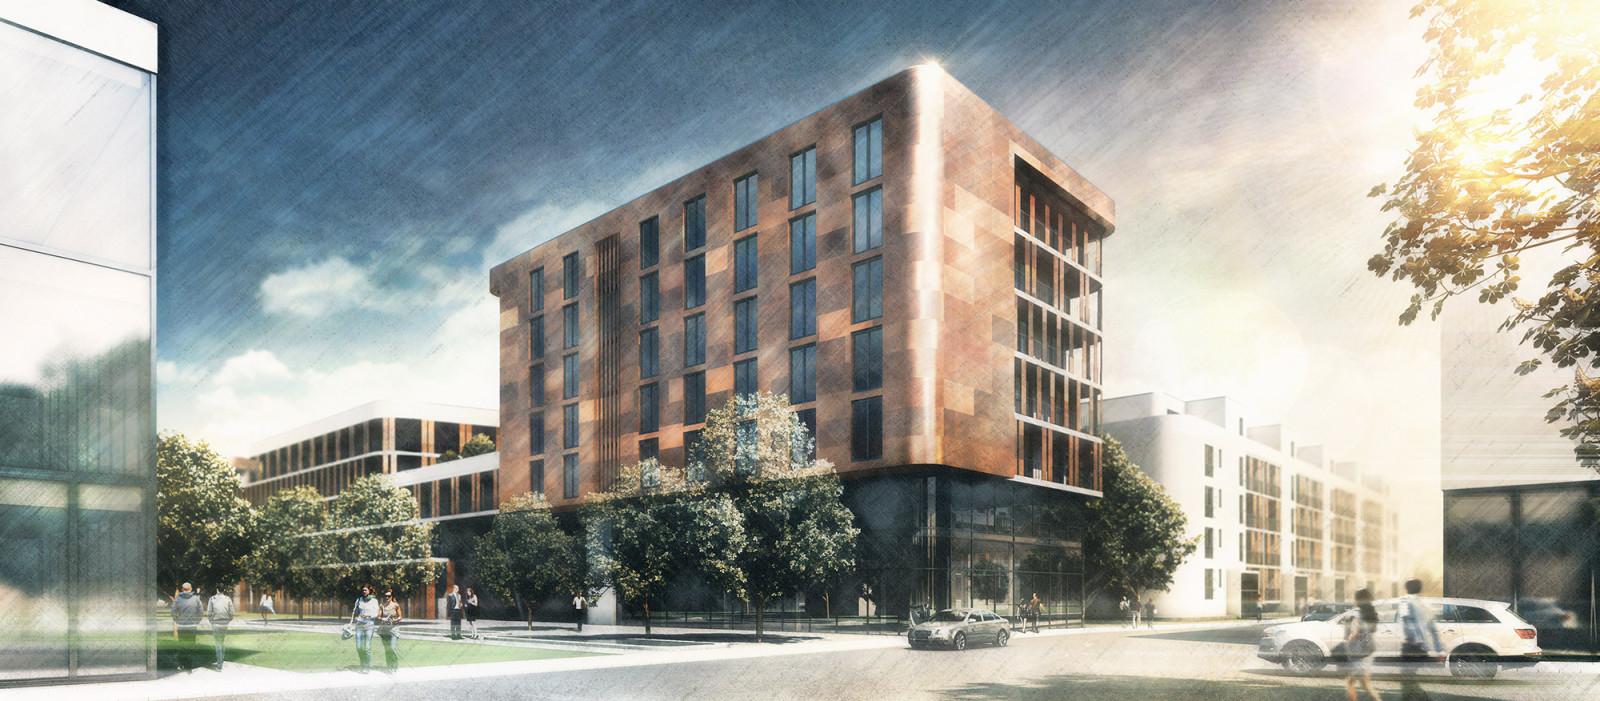 Wettbewerb Campus in Potsdam - Architekturvisualisierung  Aussen